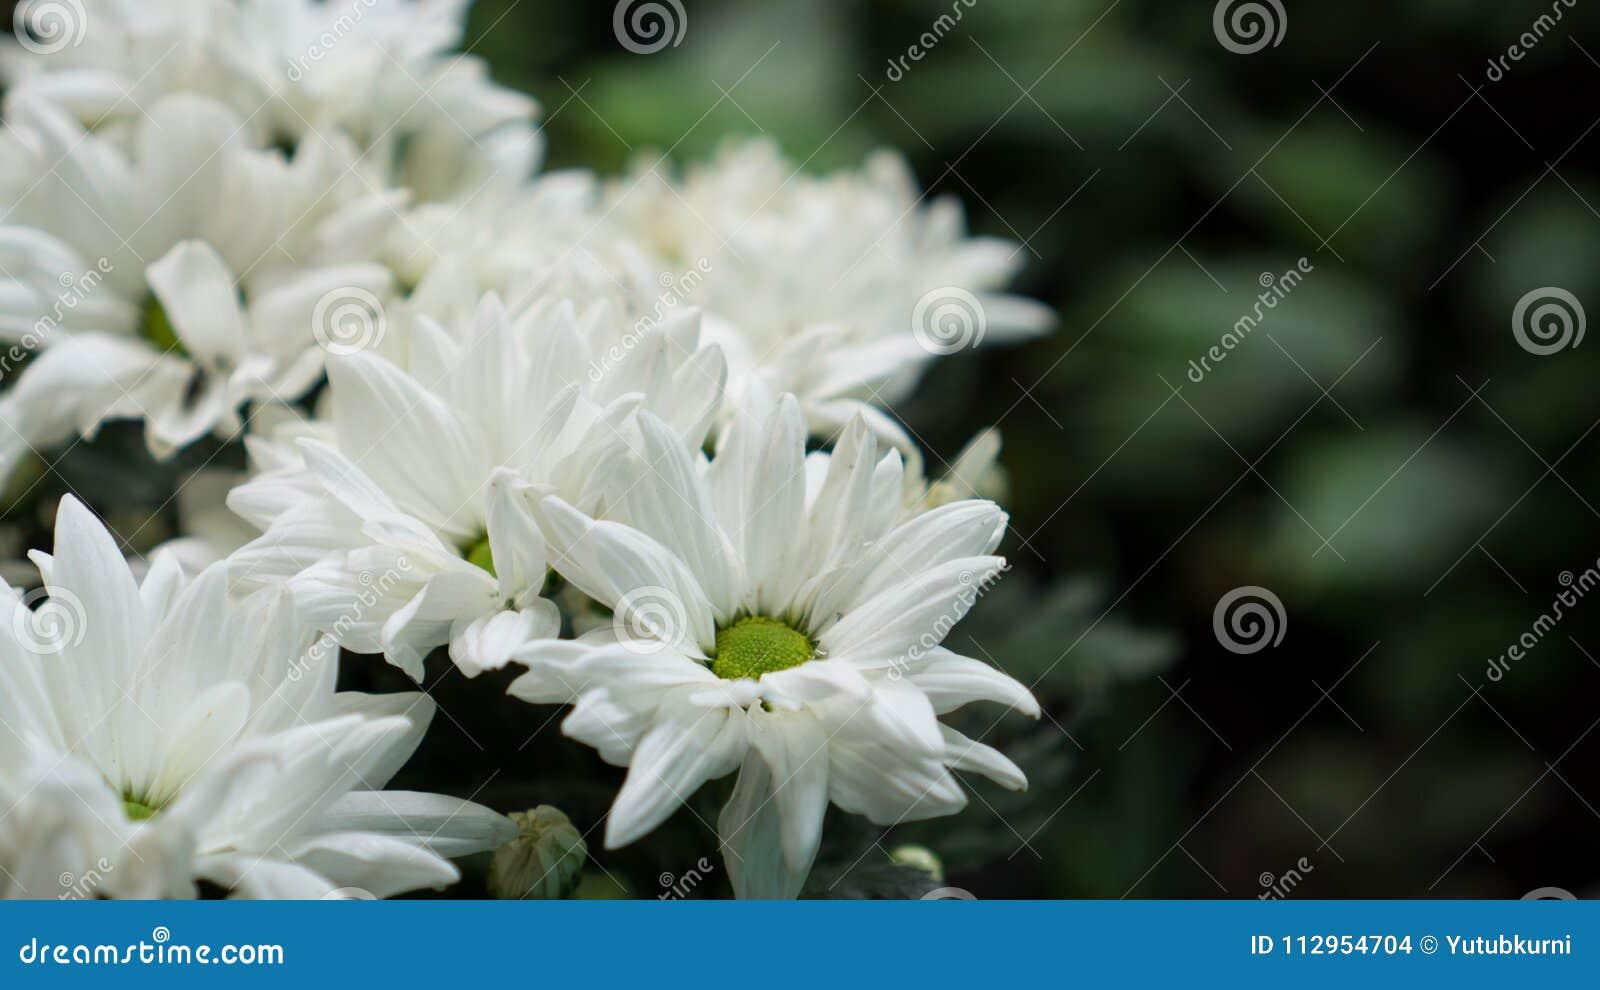 The White Chrysanthemum In Garden Stock Photo Image Of Auntum